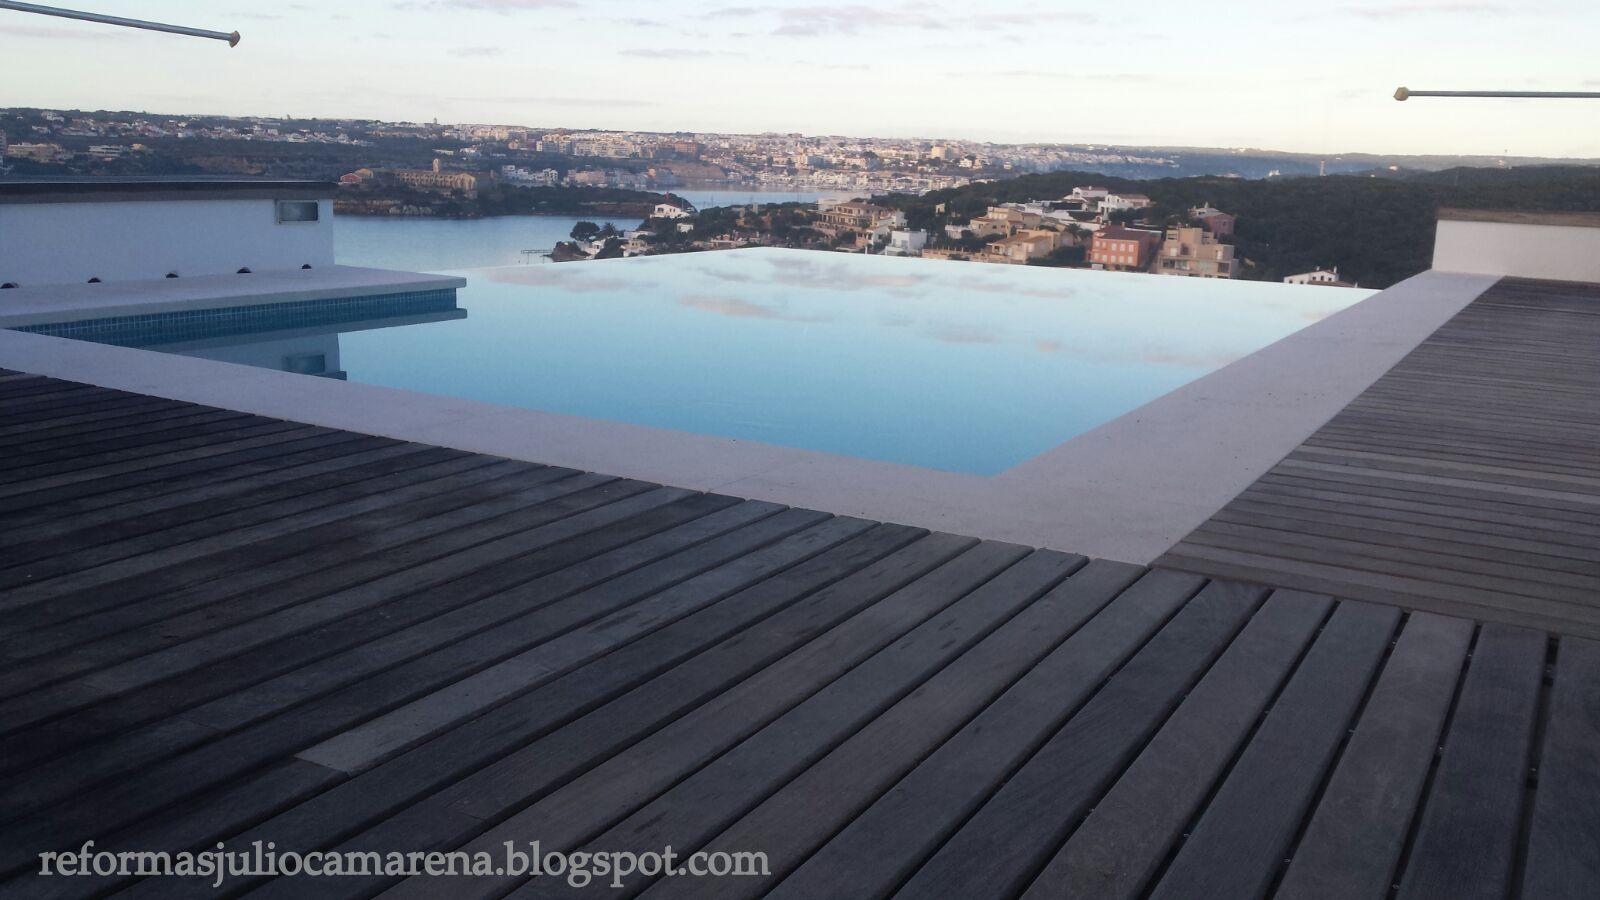 Reformas julio camarena ampliacion piscina for Piscinas desmontables hechas a medida